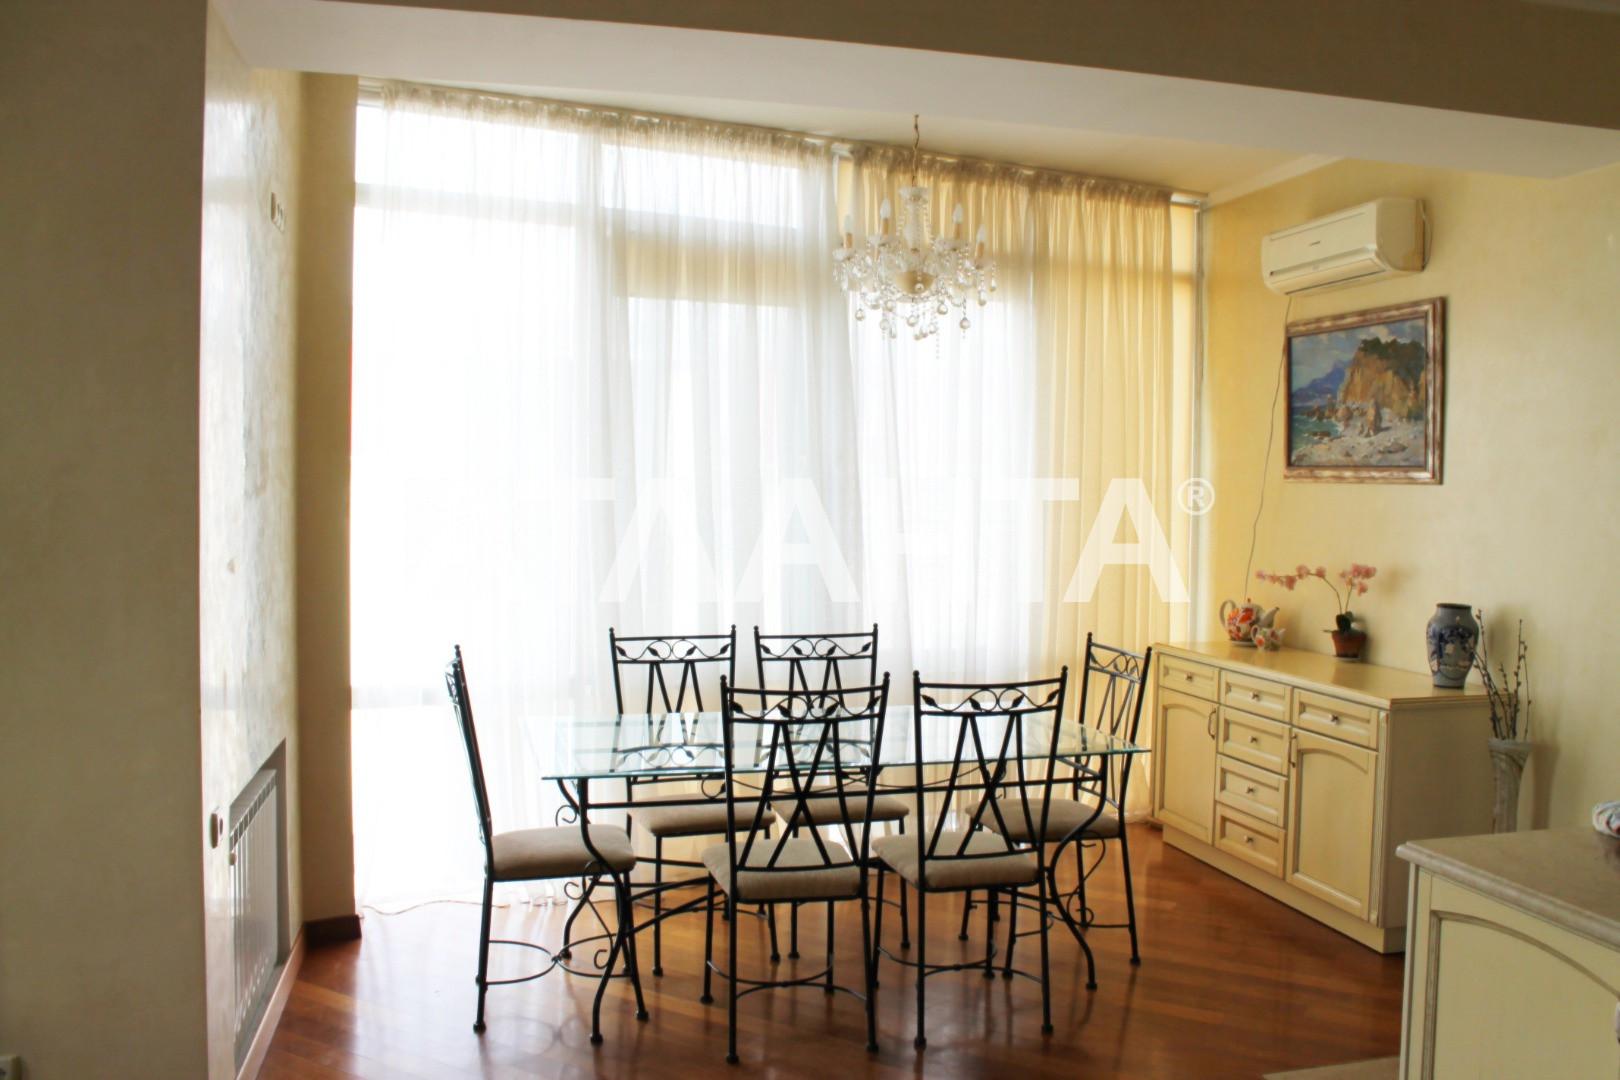 Продается 2-комнатная Квартира на ул. Фонтанская Дор. (Перекопской Дивизии) — 300 000 у.е. (фото №10)